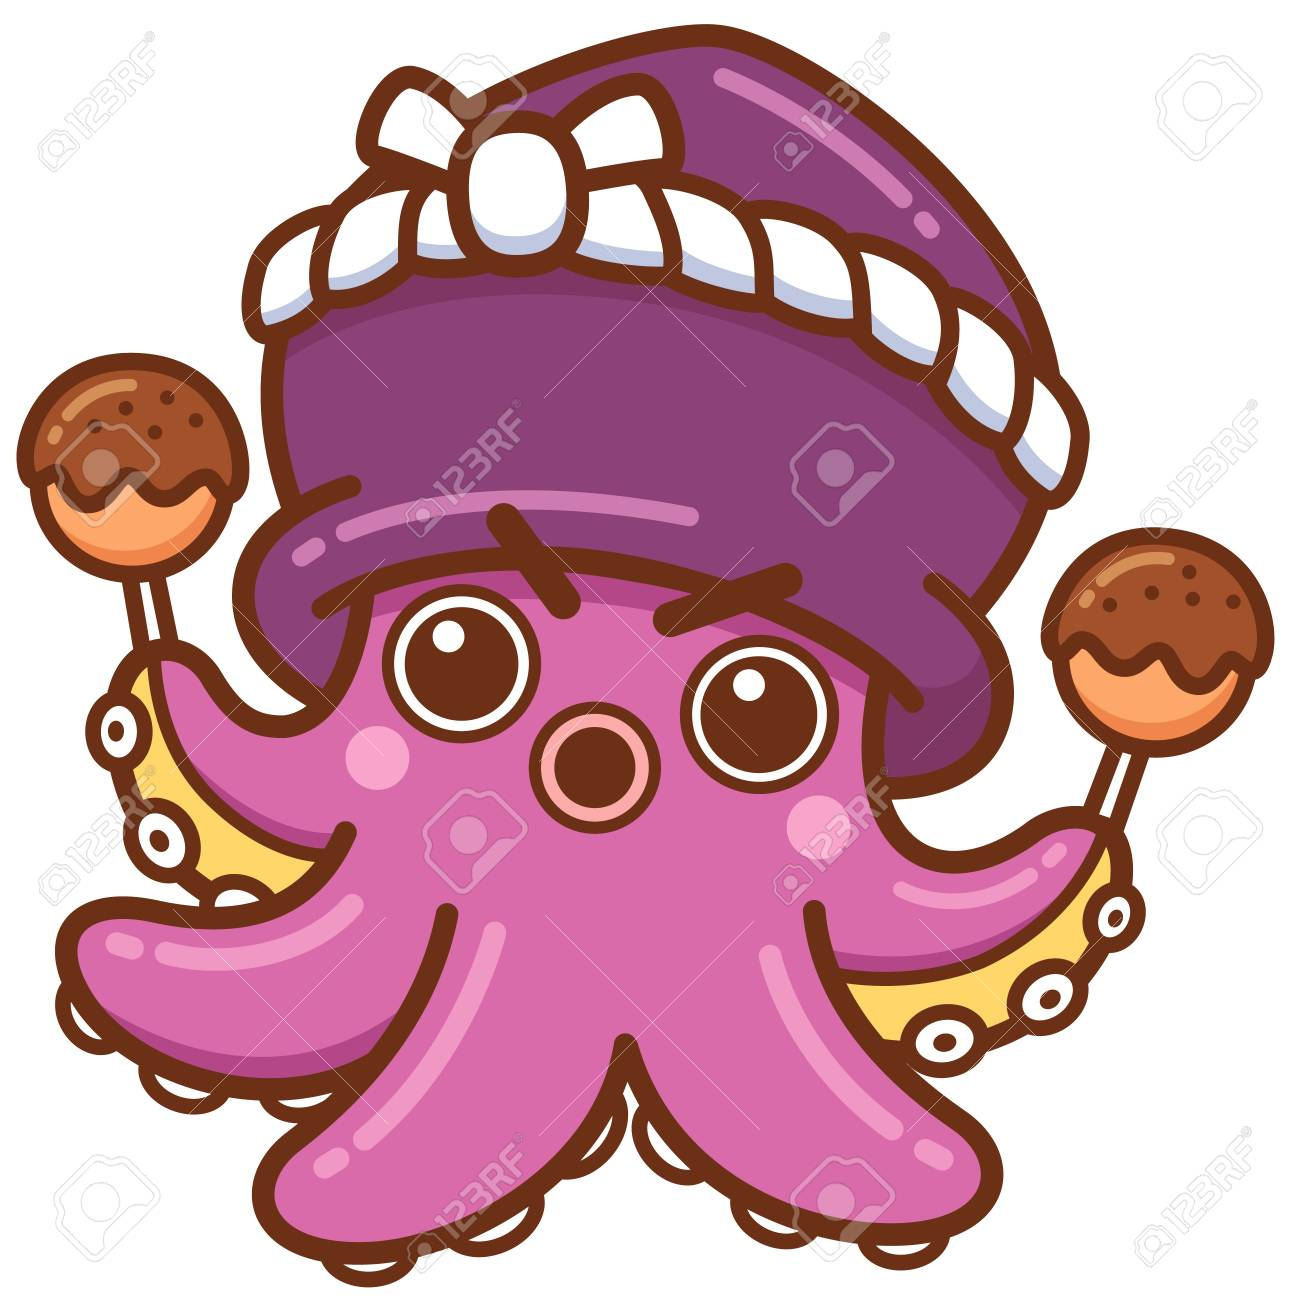 Vector illustration of Cartoon octopus chef - 119964339